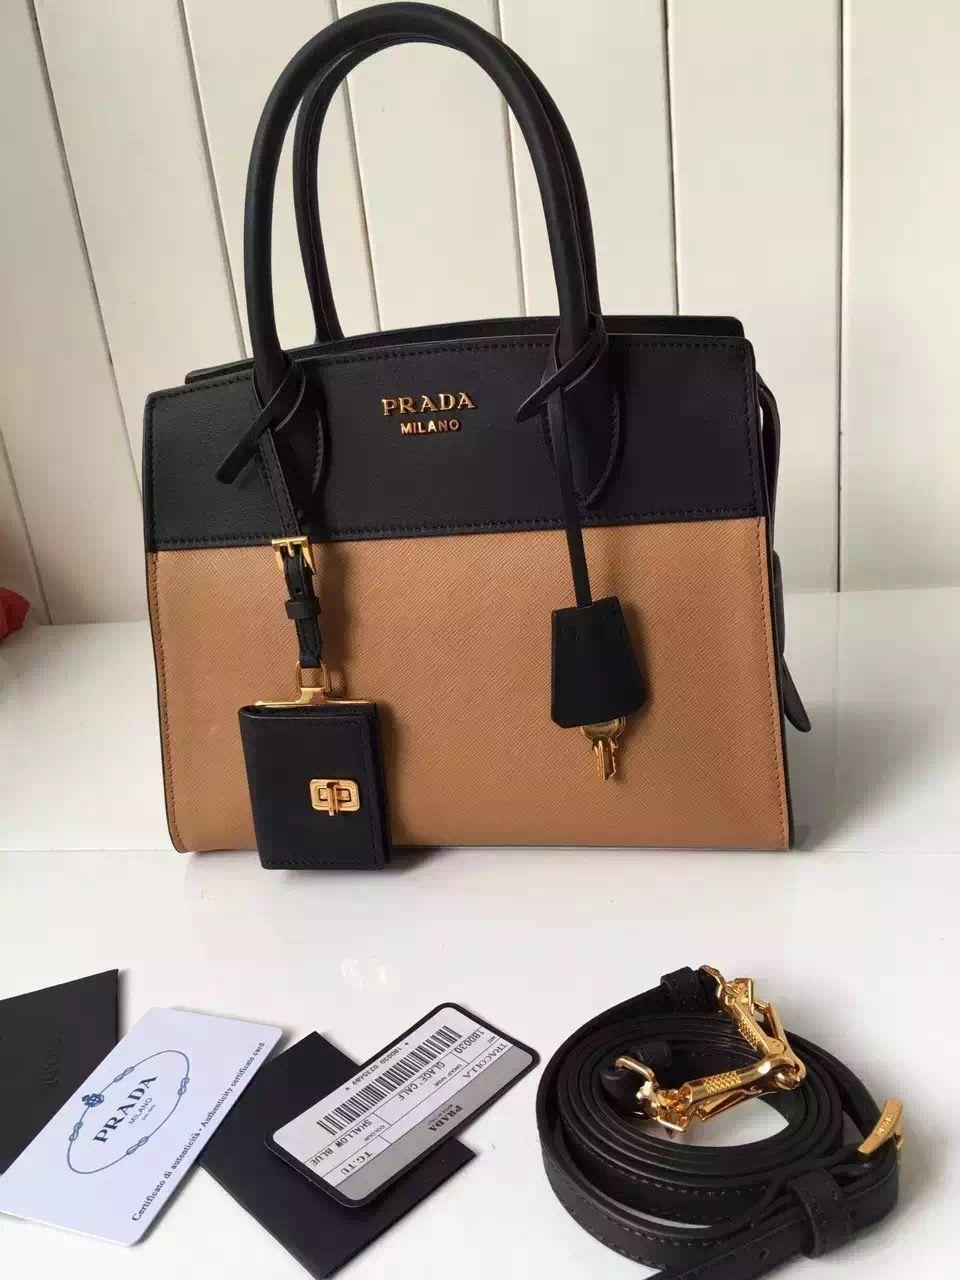 5b35534297 Prada Small Esplanade Saffiano and Calf Leather Bag Camel Black 2016 ...